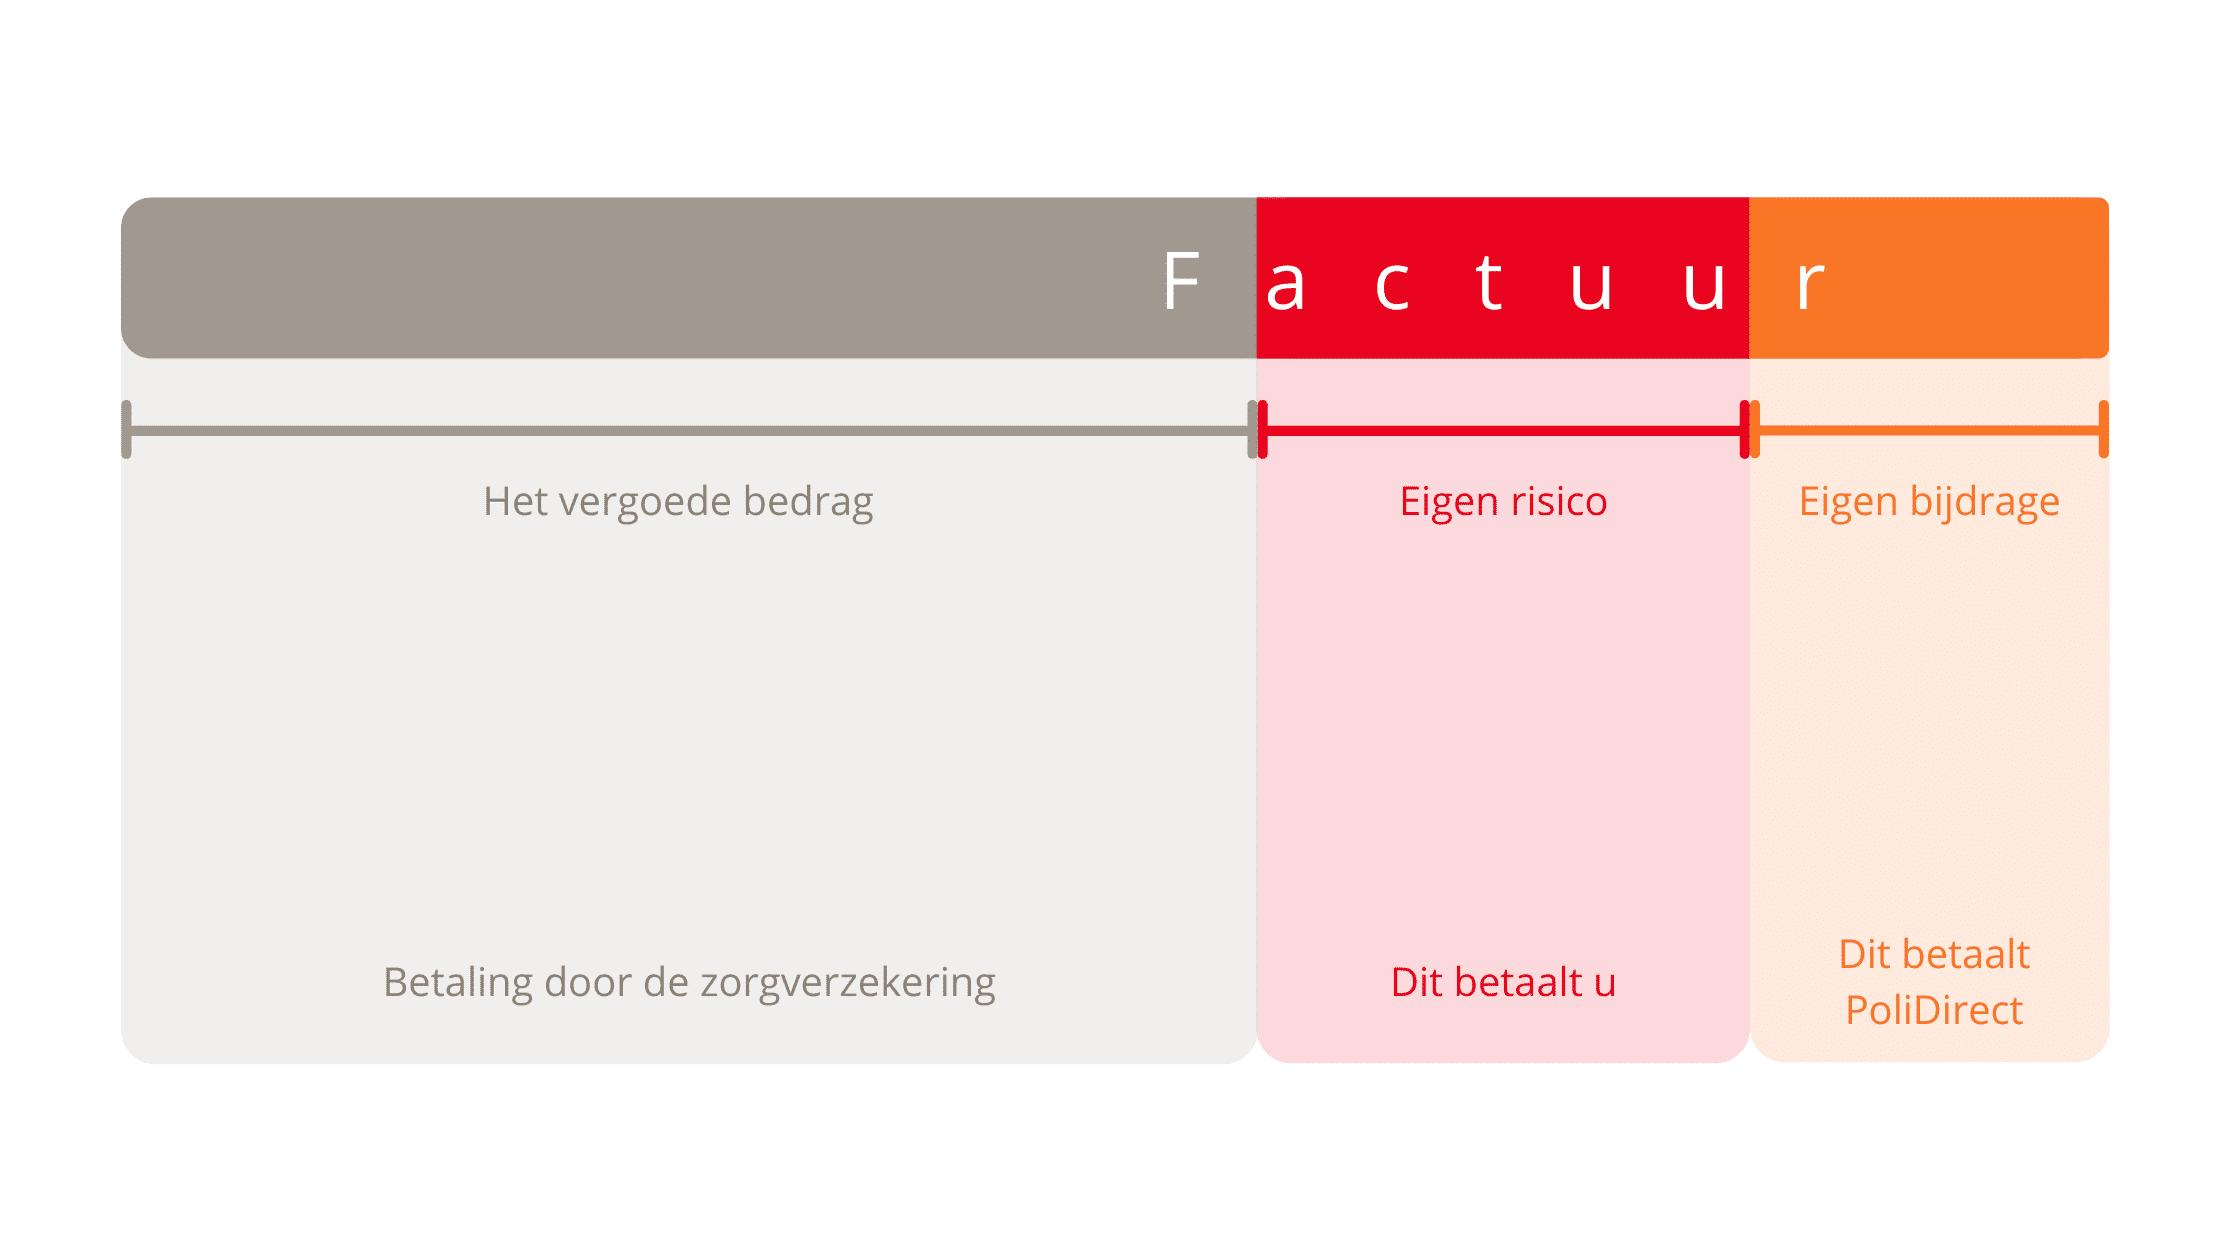 Onderdelen factuur zorgkosten afgebeeld